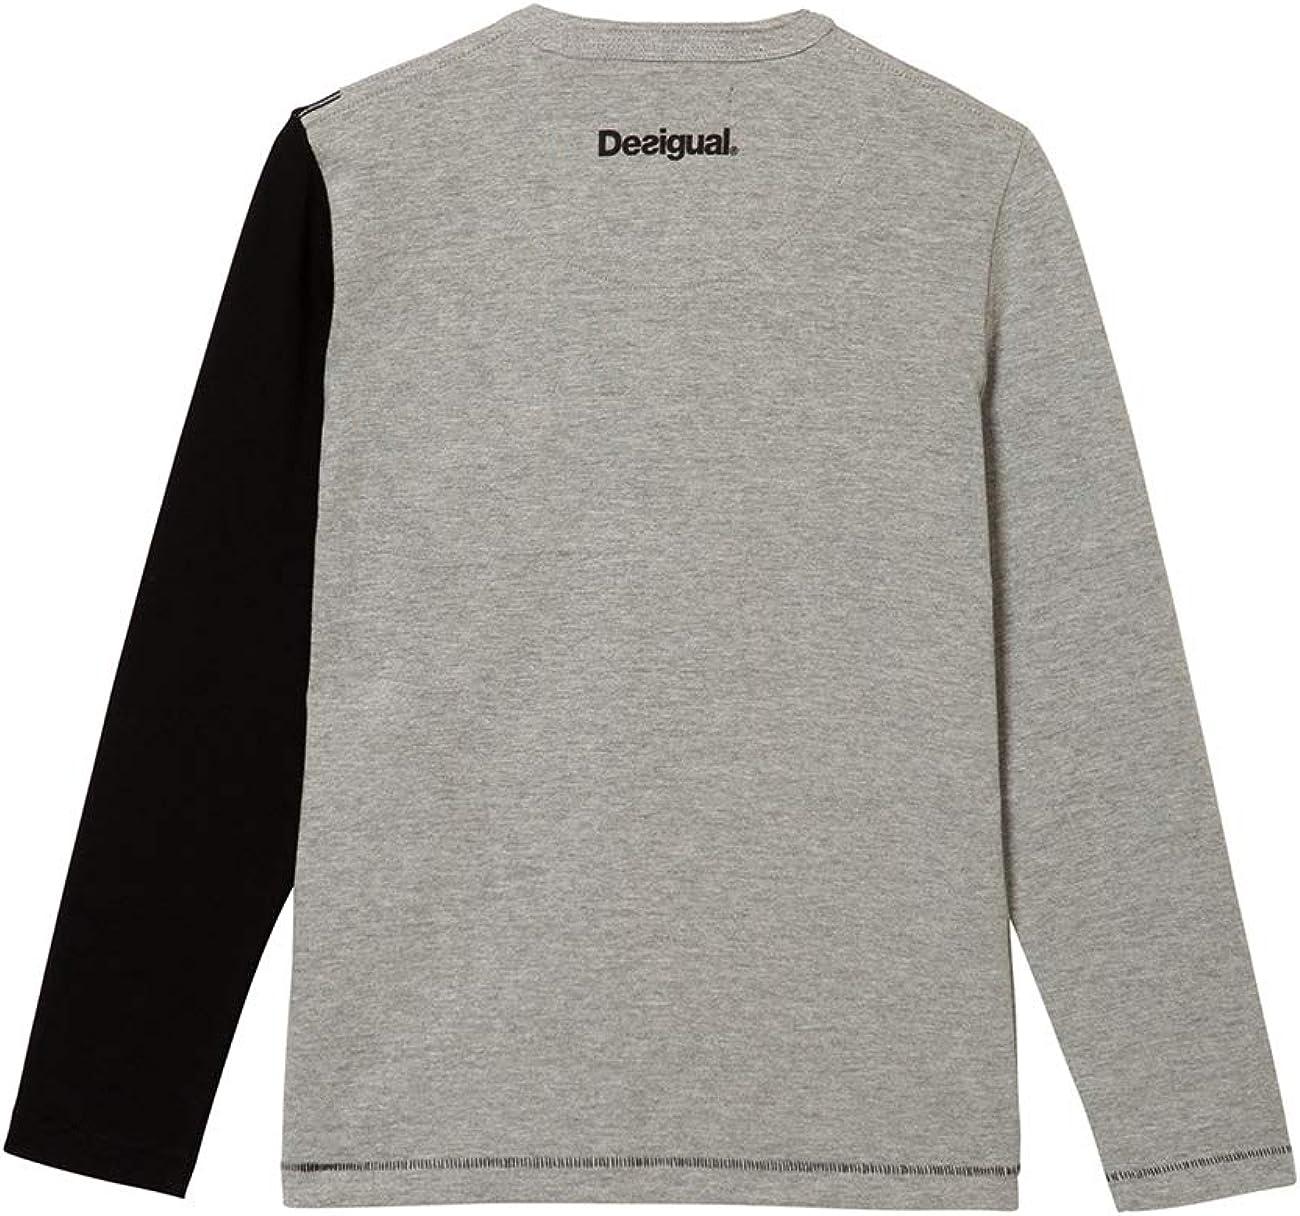 Desigual T-Shirt Urbano Maglietta a Maniche Lunghe Bambino